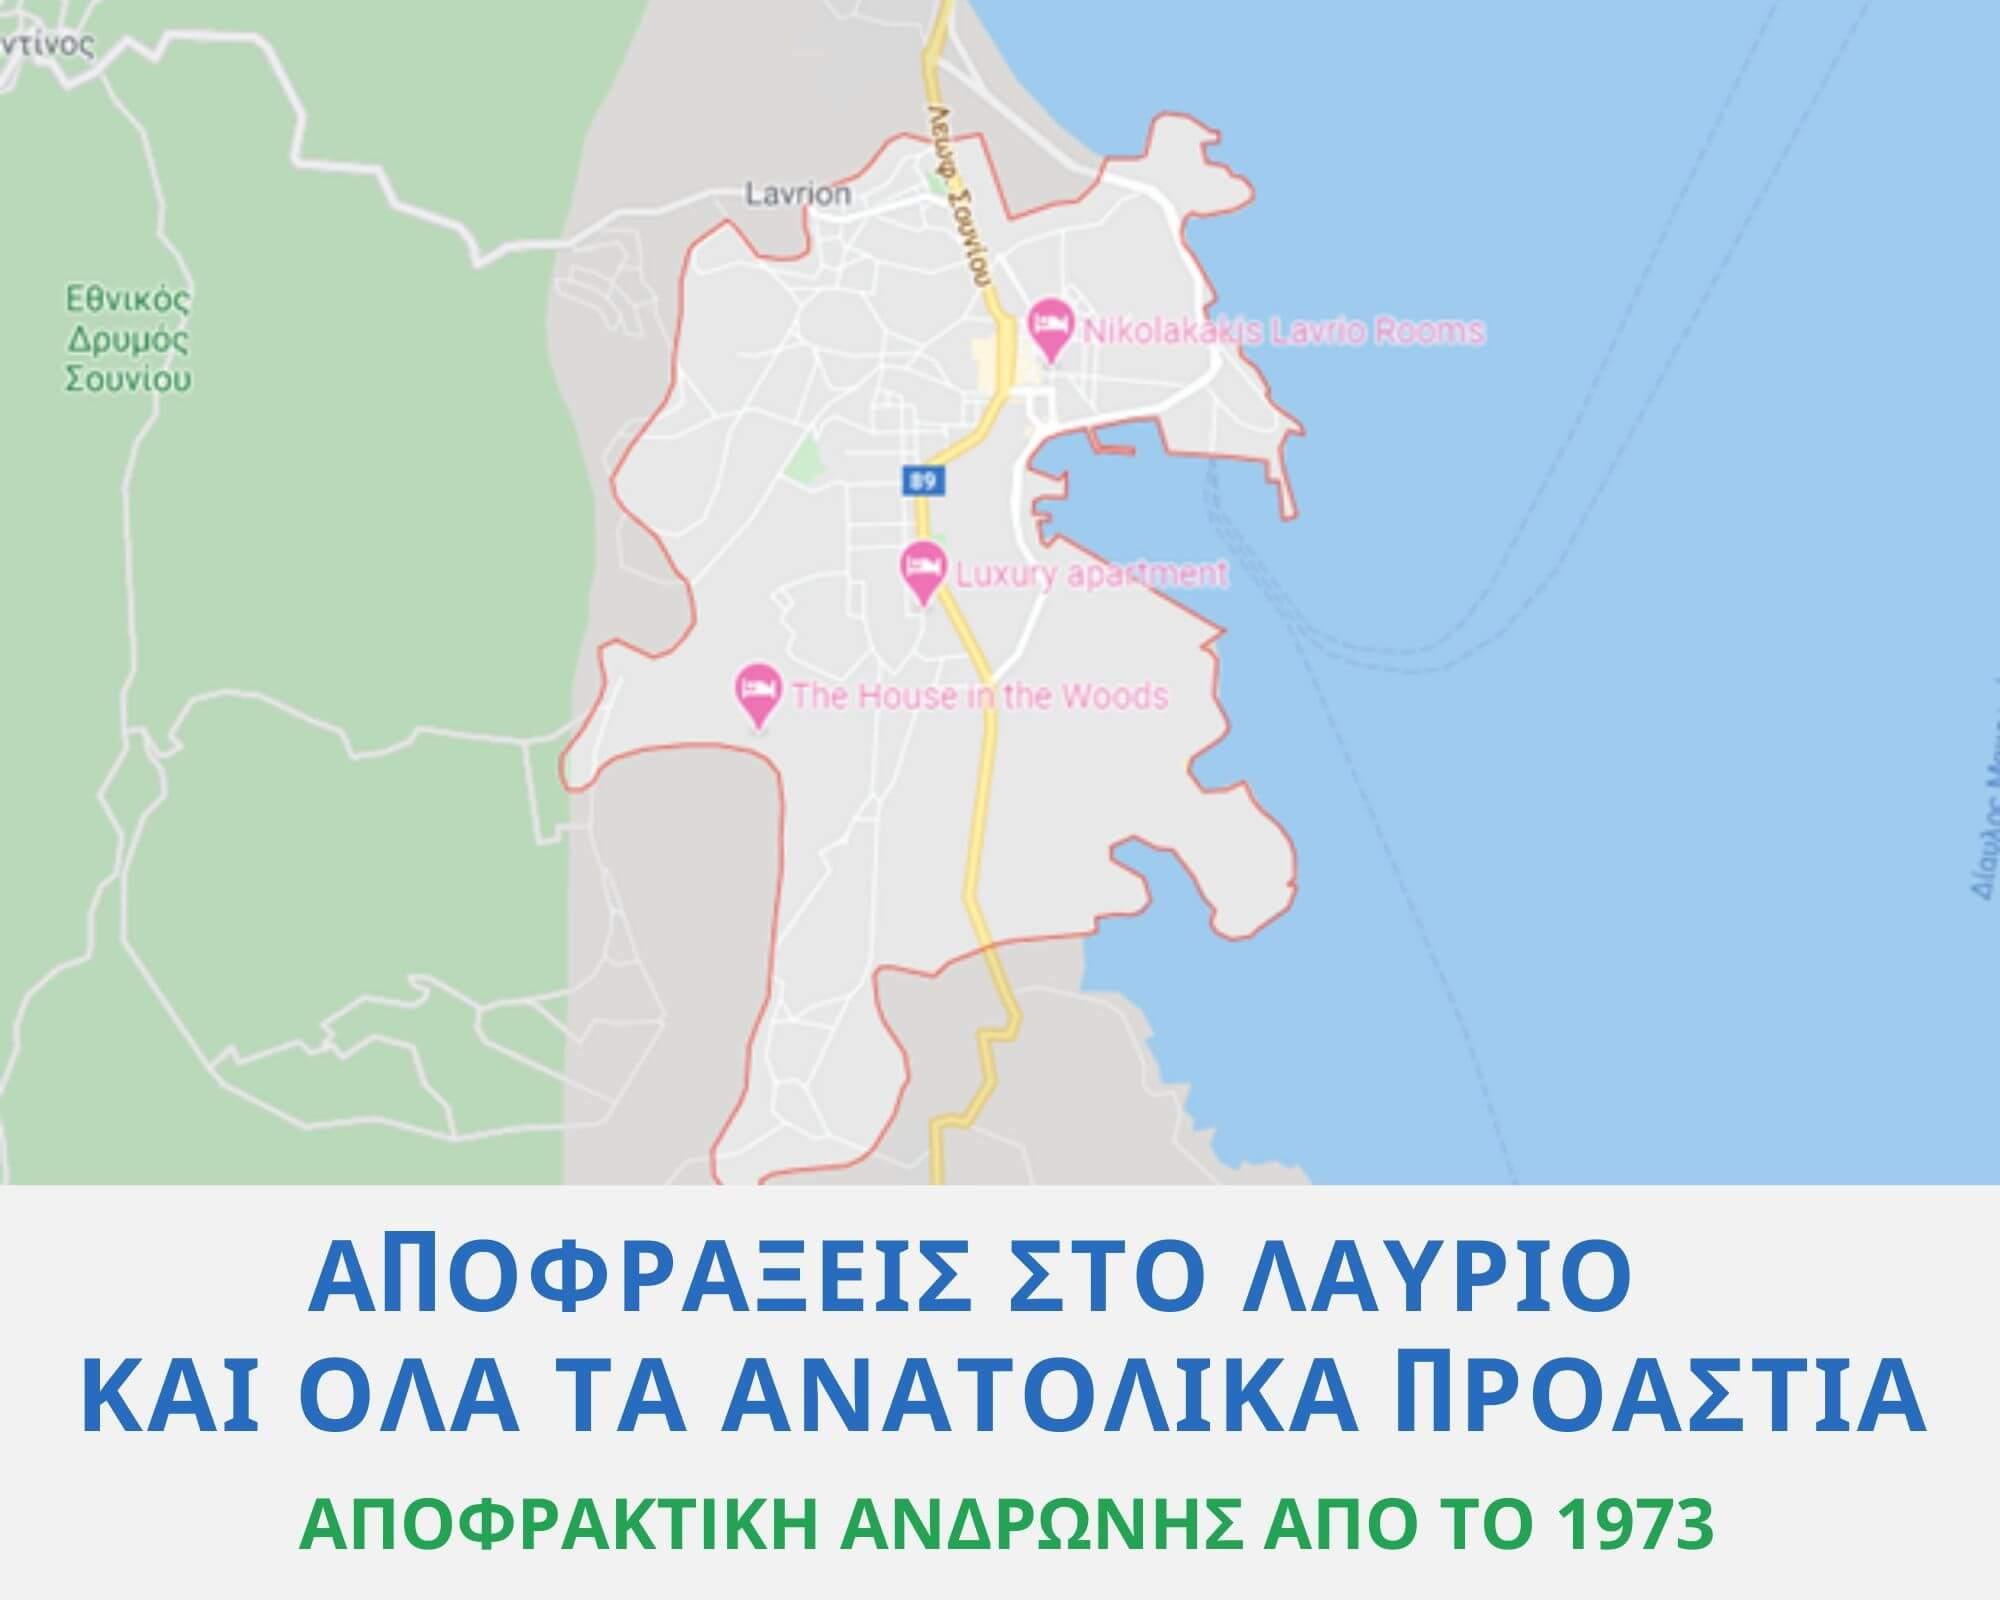 Αποφράξεις Λαύριο - 213.02.50.818 - Αποφράξεις Αθήνα